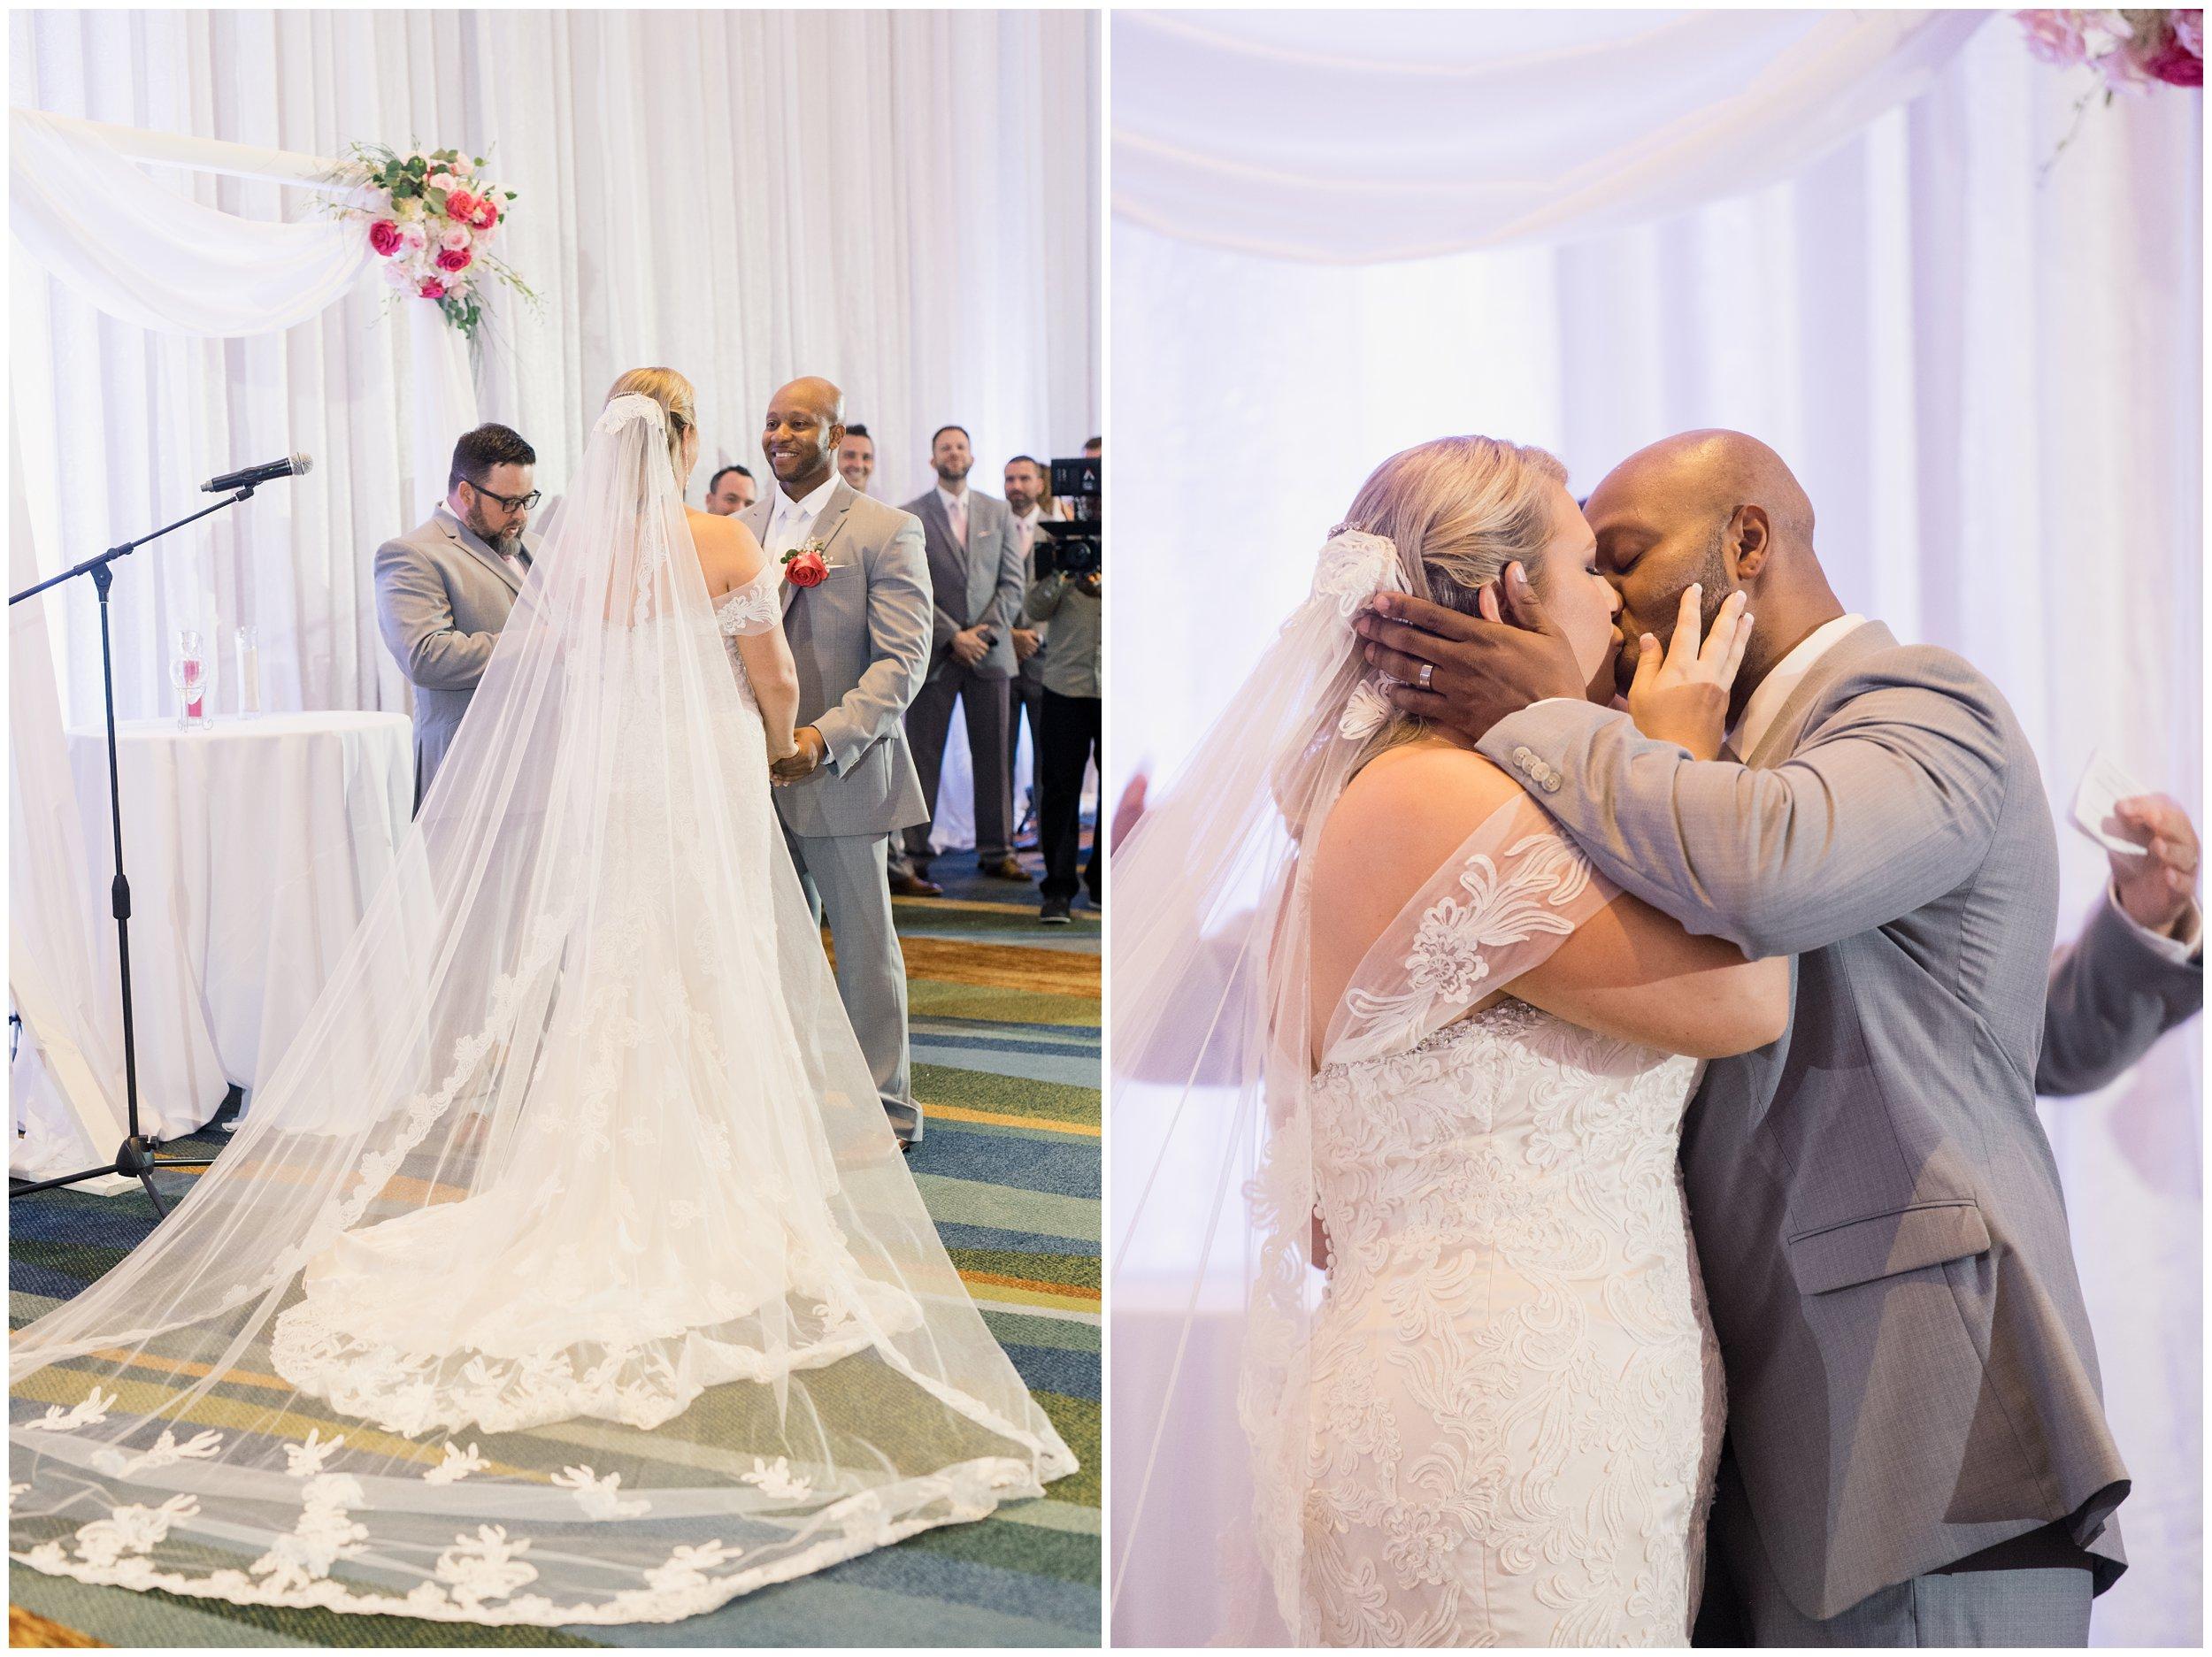 Hyatt Regency Chesapeake Bay wedding details